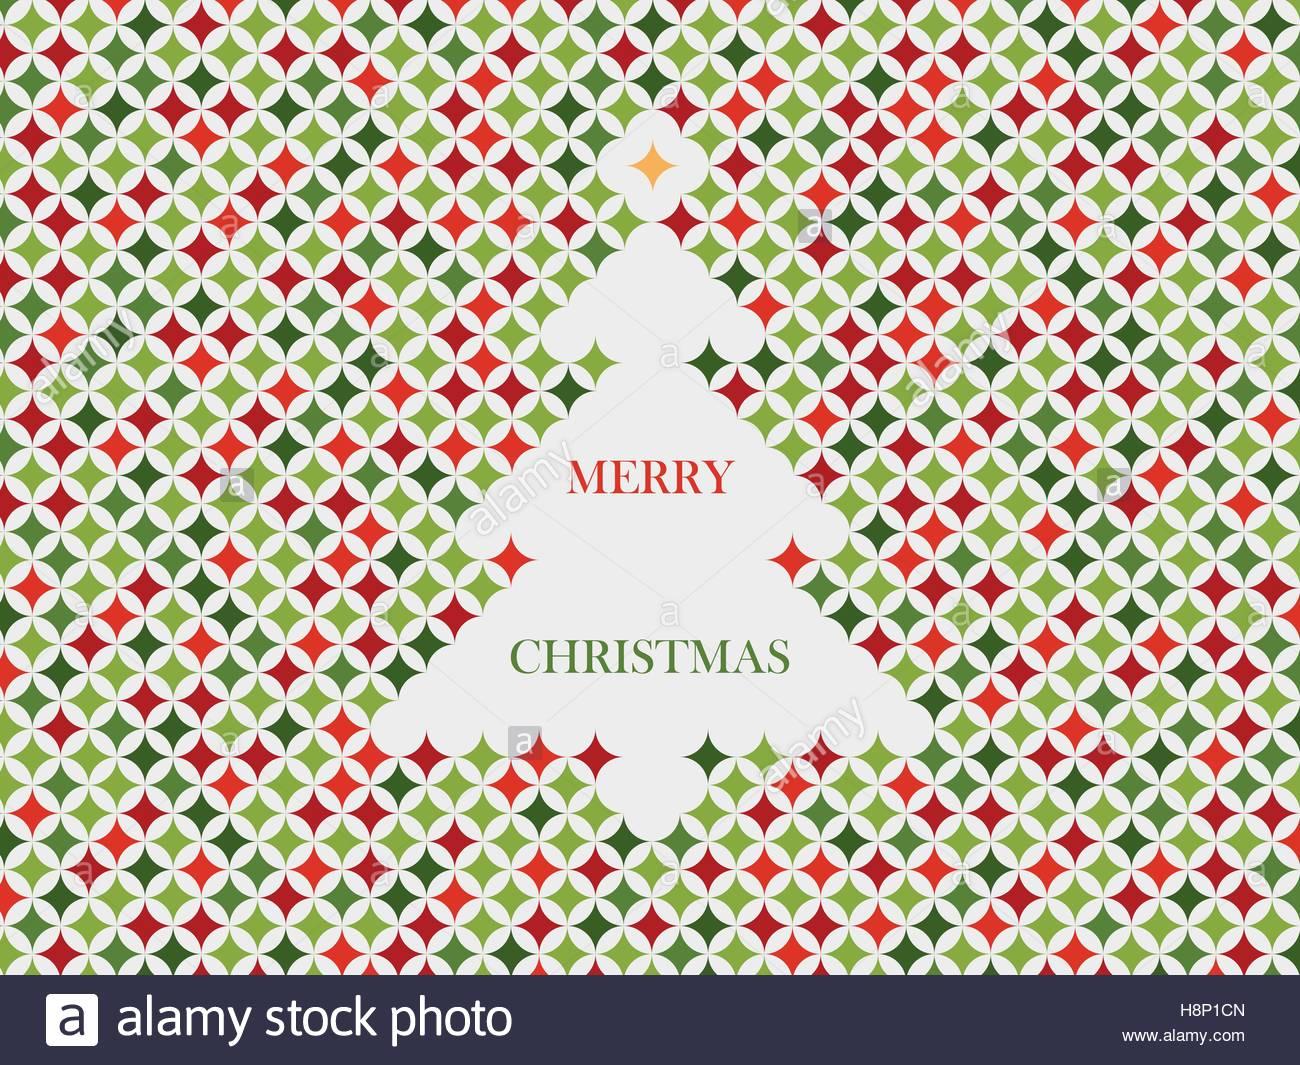 weihnachtsbaum karte mit stern muster vorlage urlaub vektor symbol fr weihnachten gre - Stern Muster